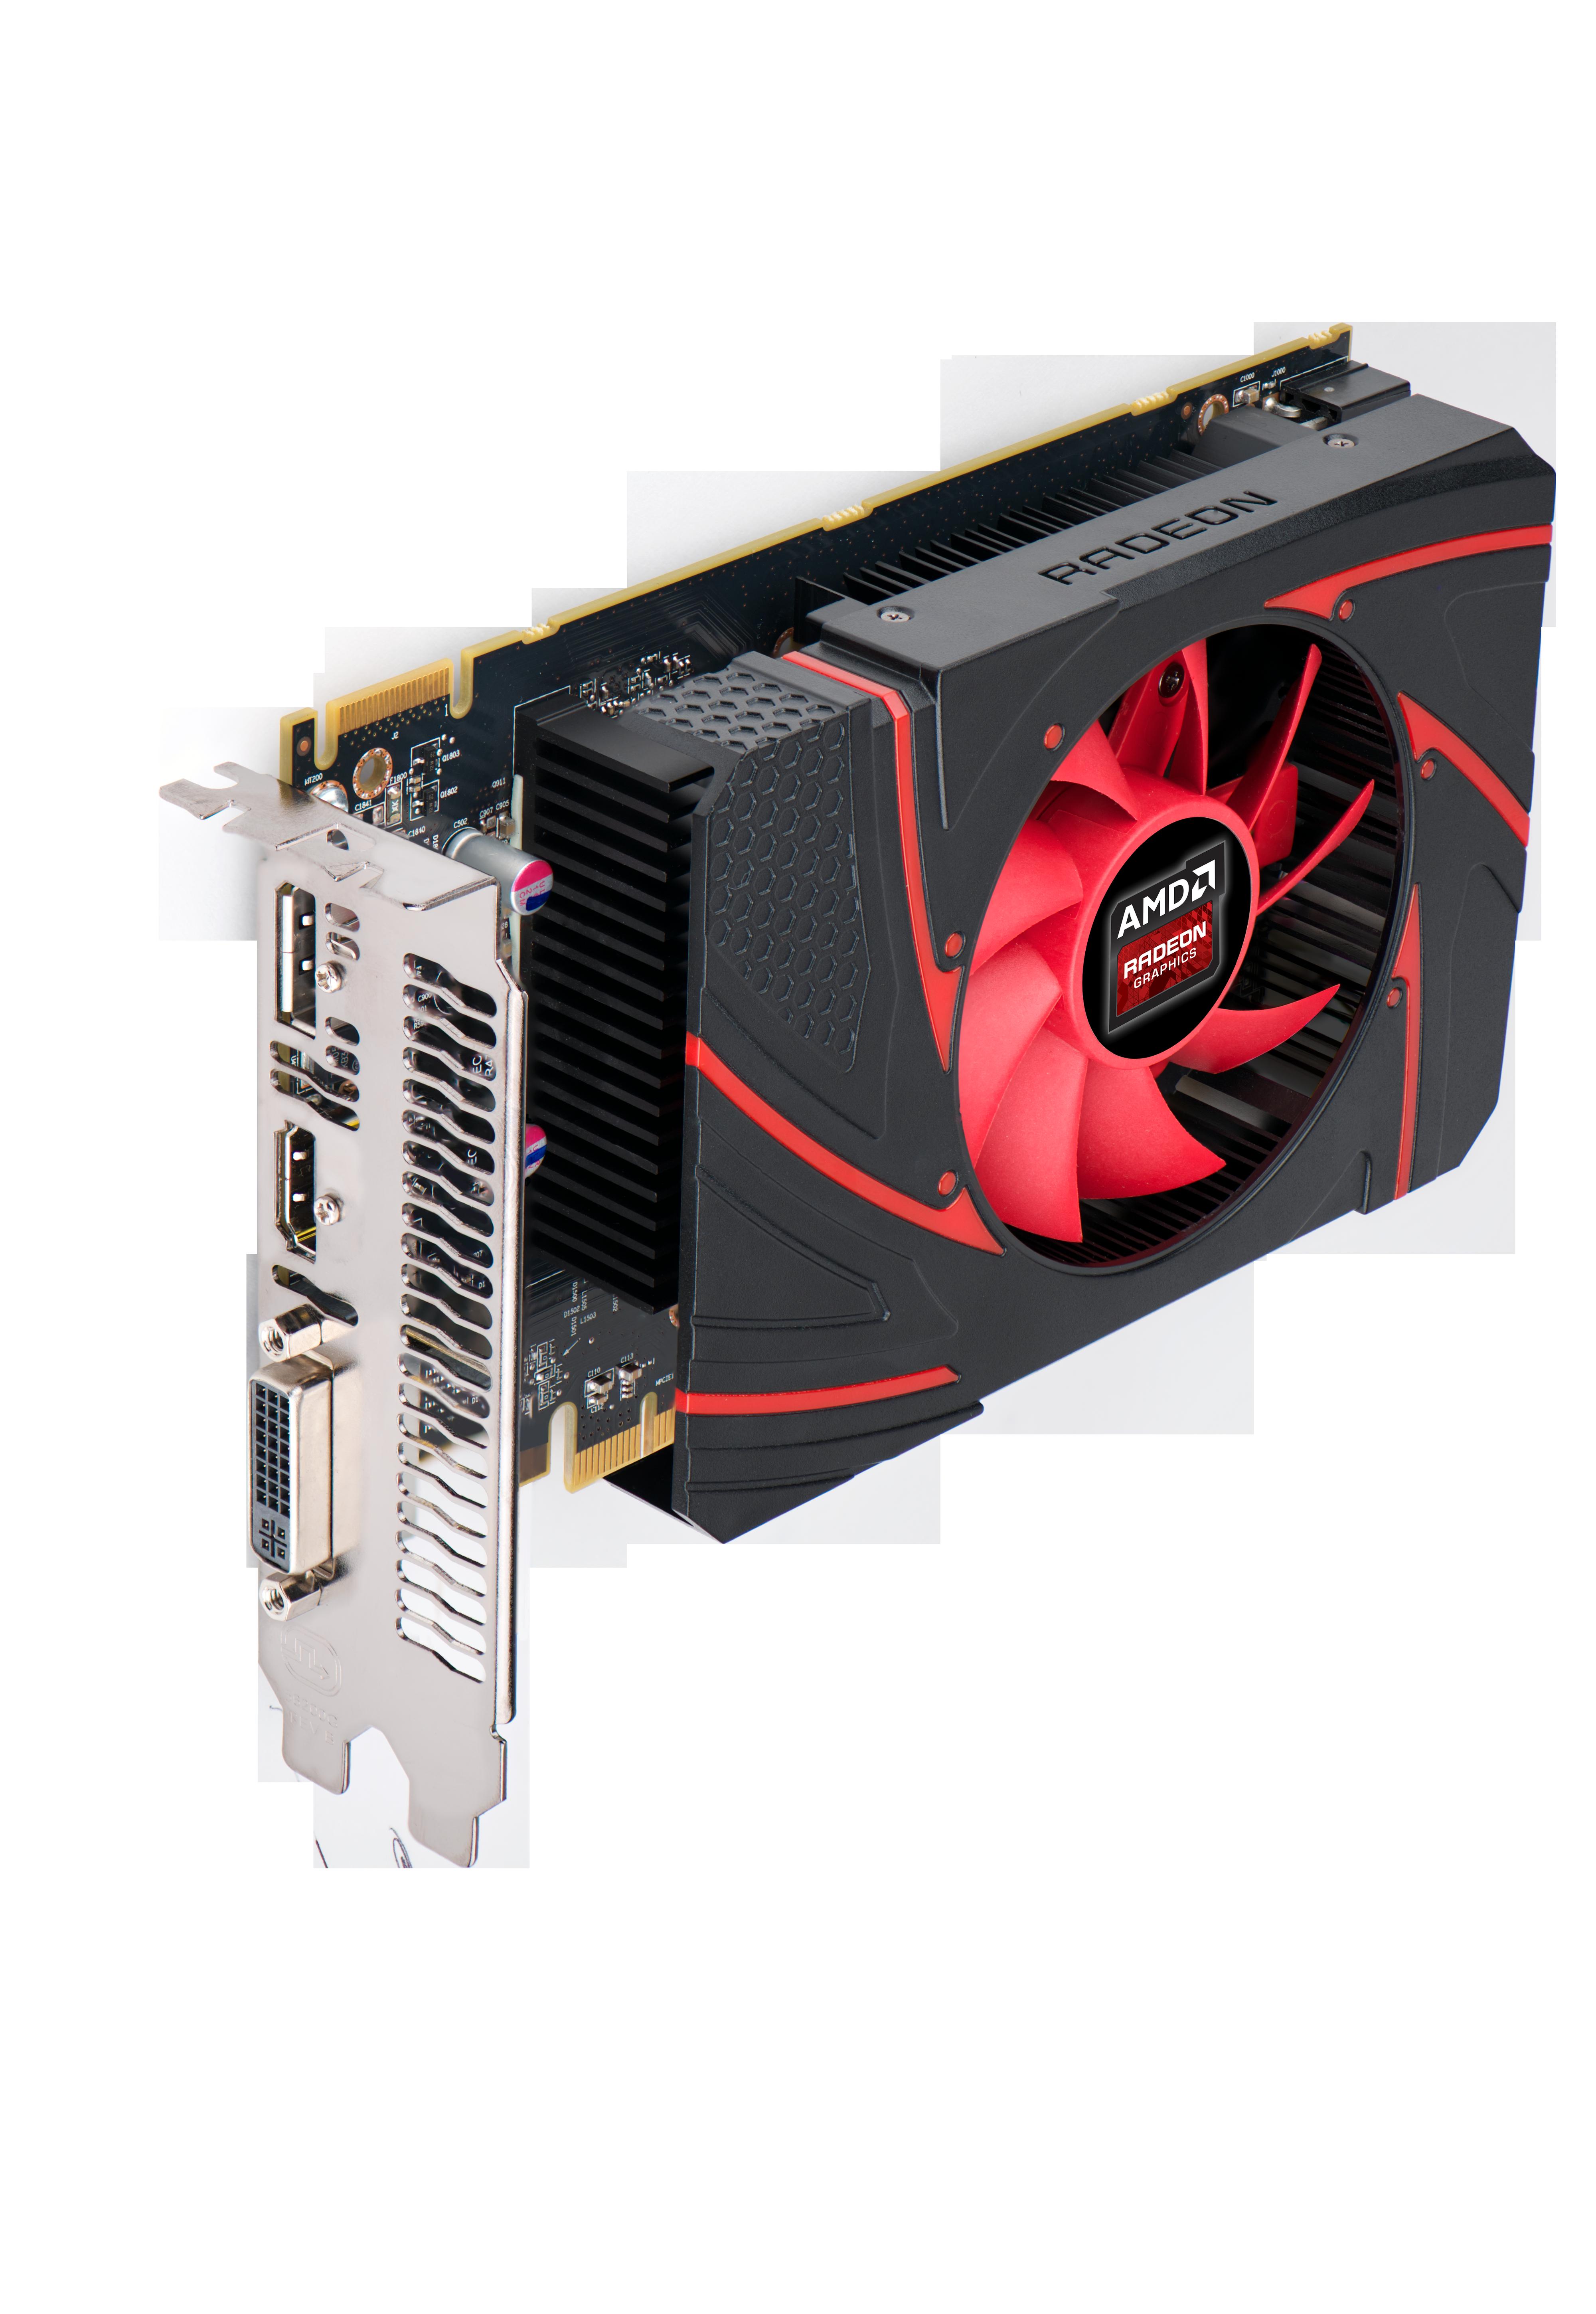 AMD Radeon R7 260X blir et annet skudd til den rimelige stammen, basert på samme prosessor som dagens Radeon HD 7790.Foto: AMD